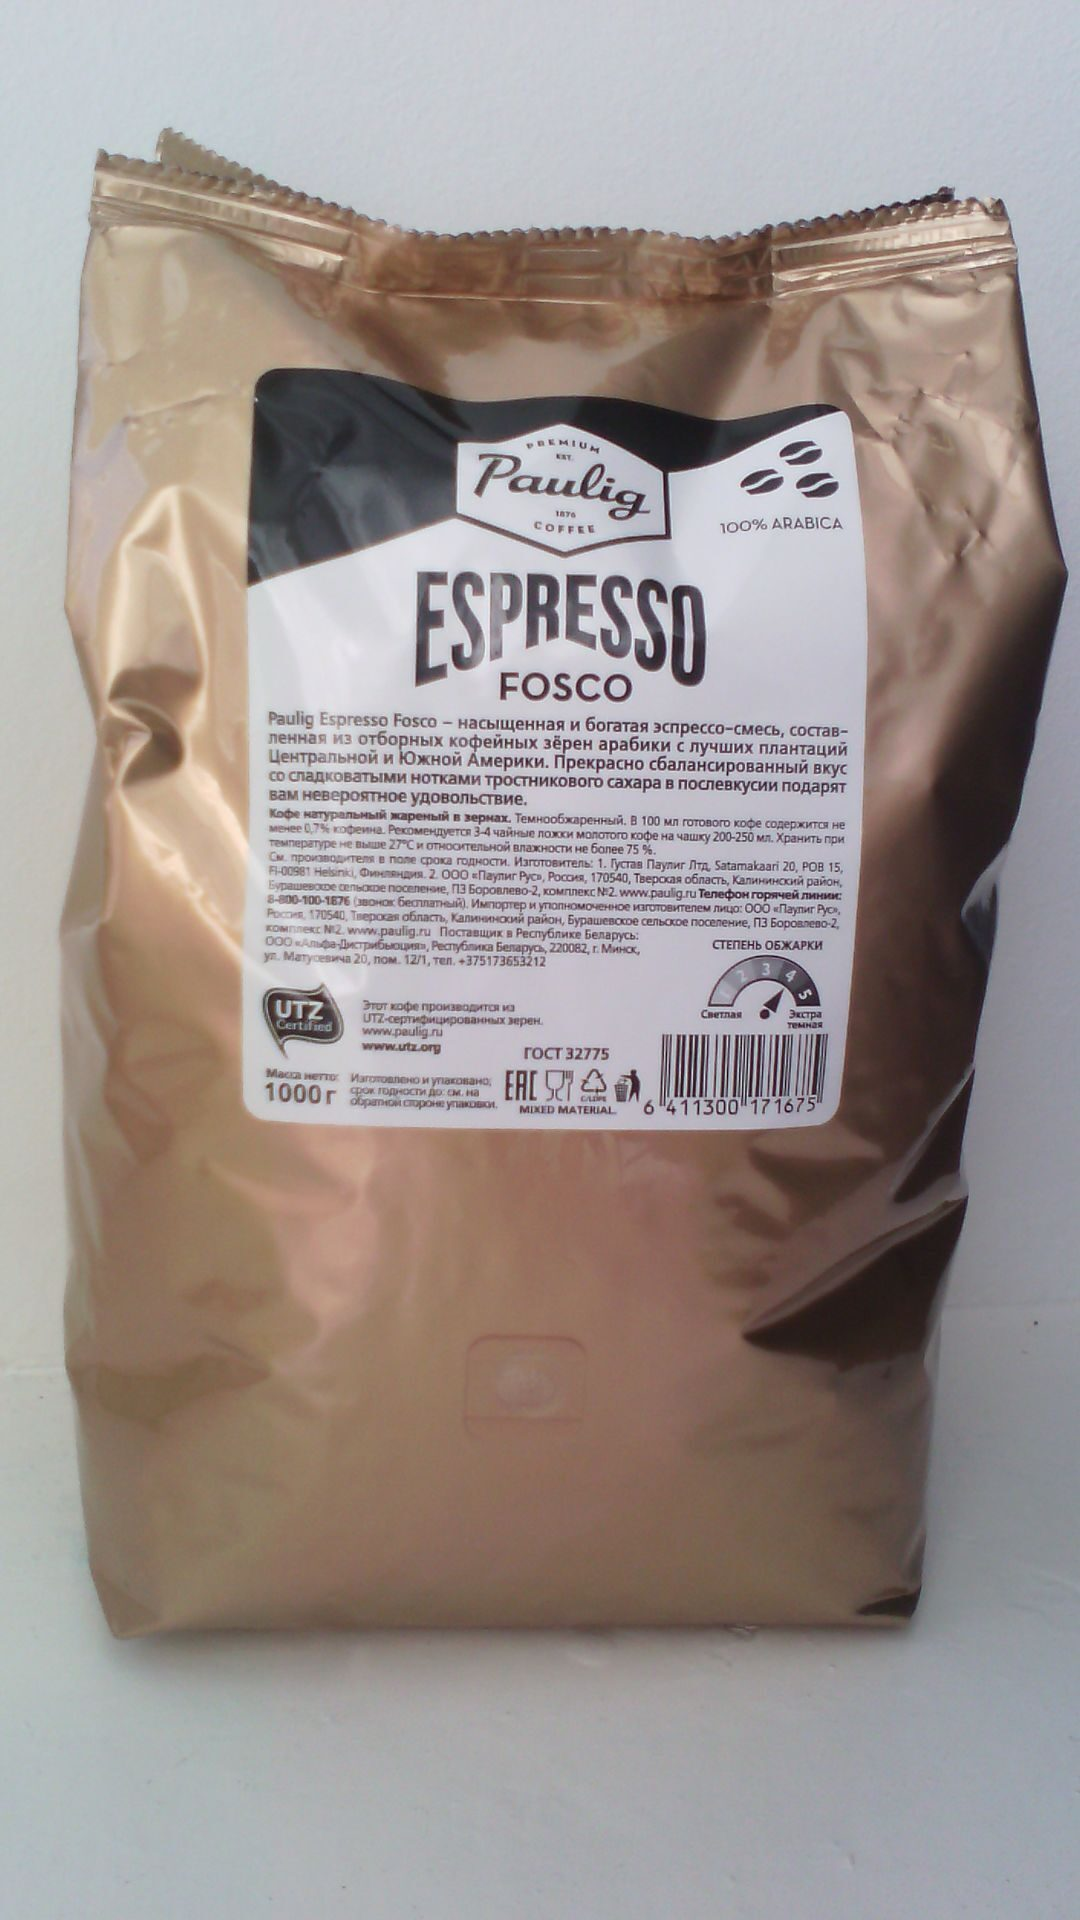 Кофе купить интернет магазин в зернах москва яндекс маркет